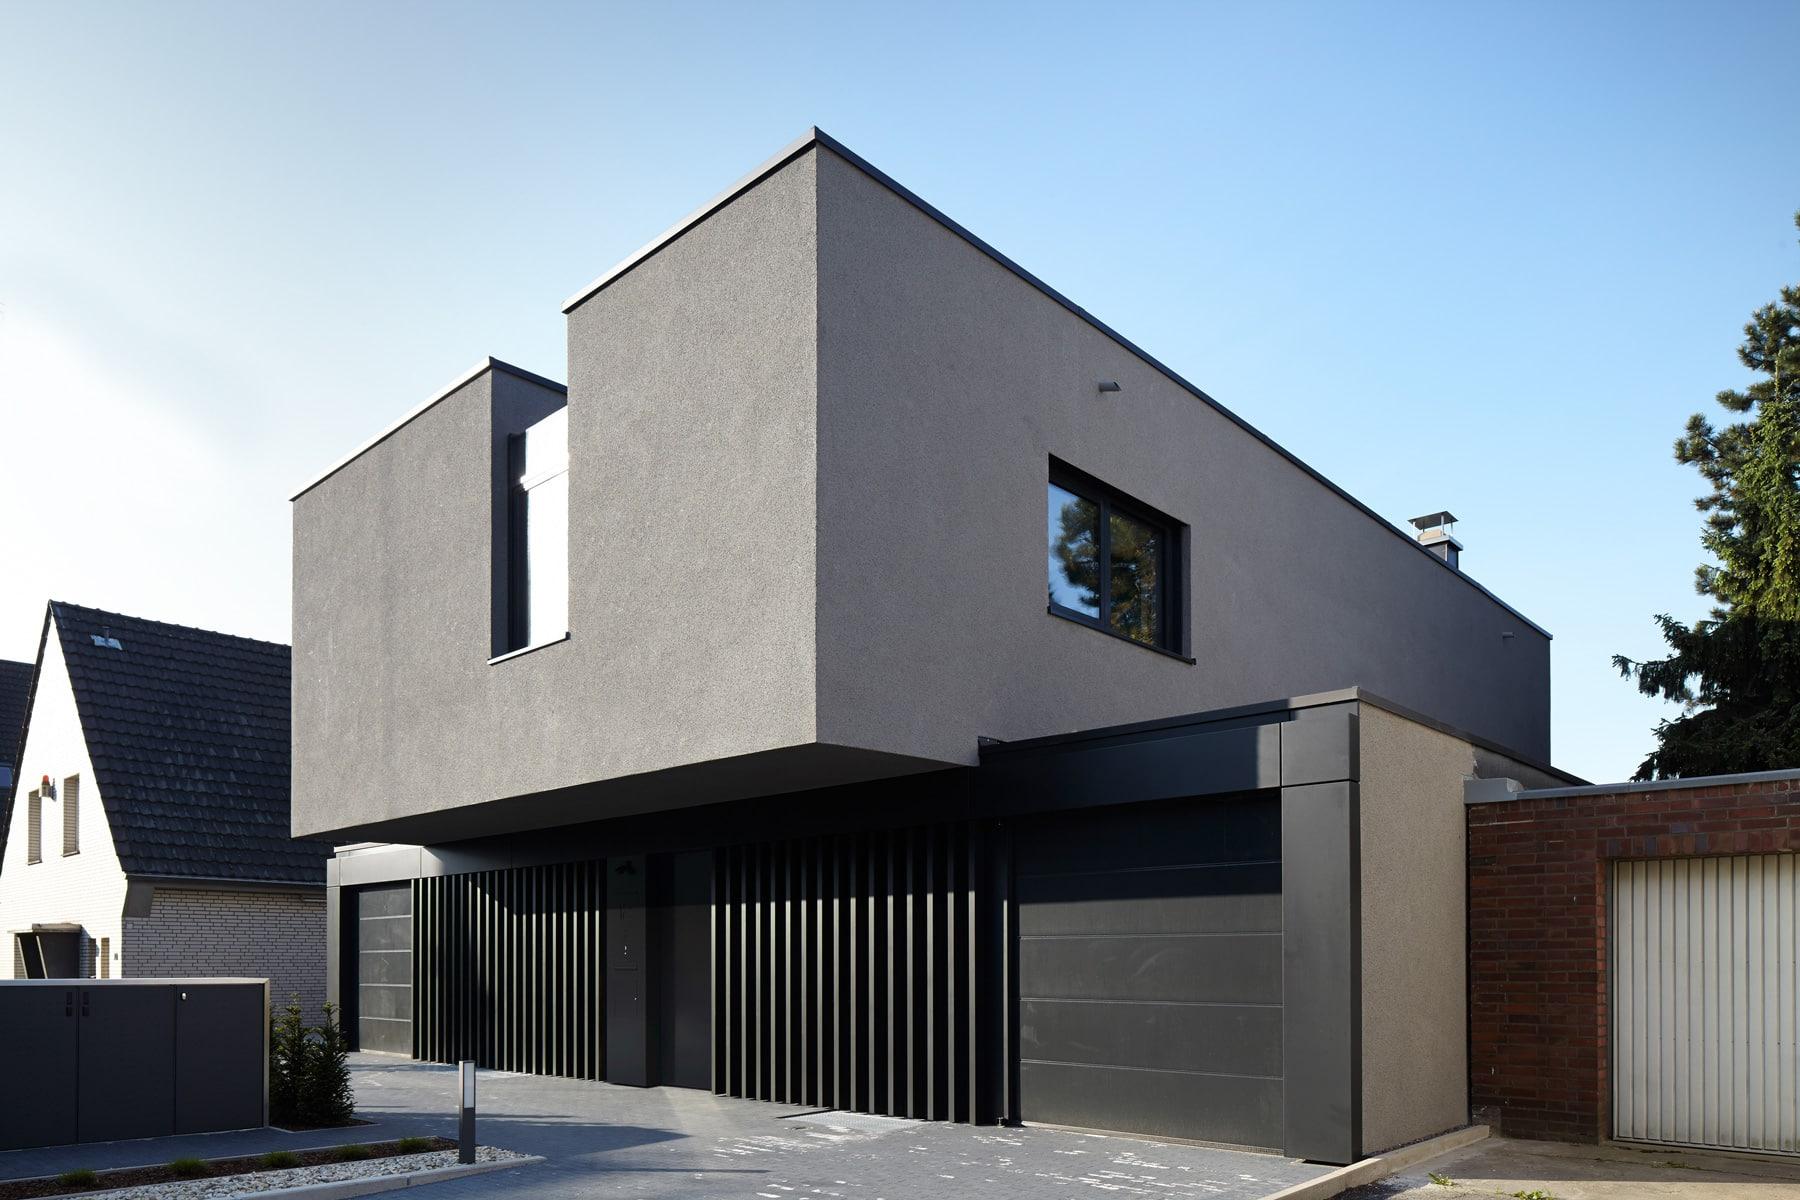 georg d ring architekten d sseldorf einfamilienhaus. Black Bedroom Furniture Sets. Home Design Ideas